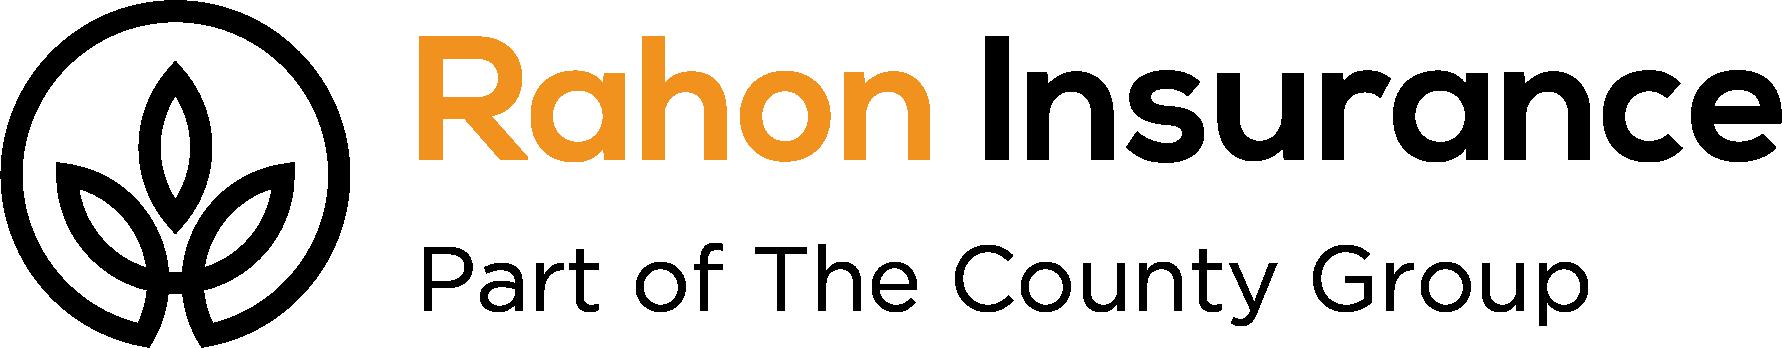 Rahon Insurance